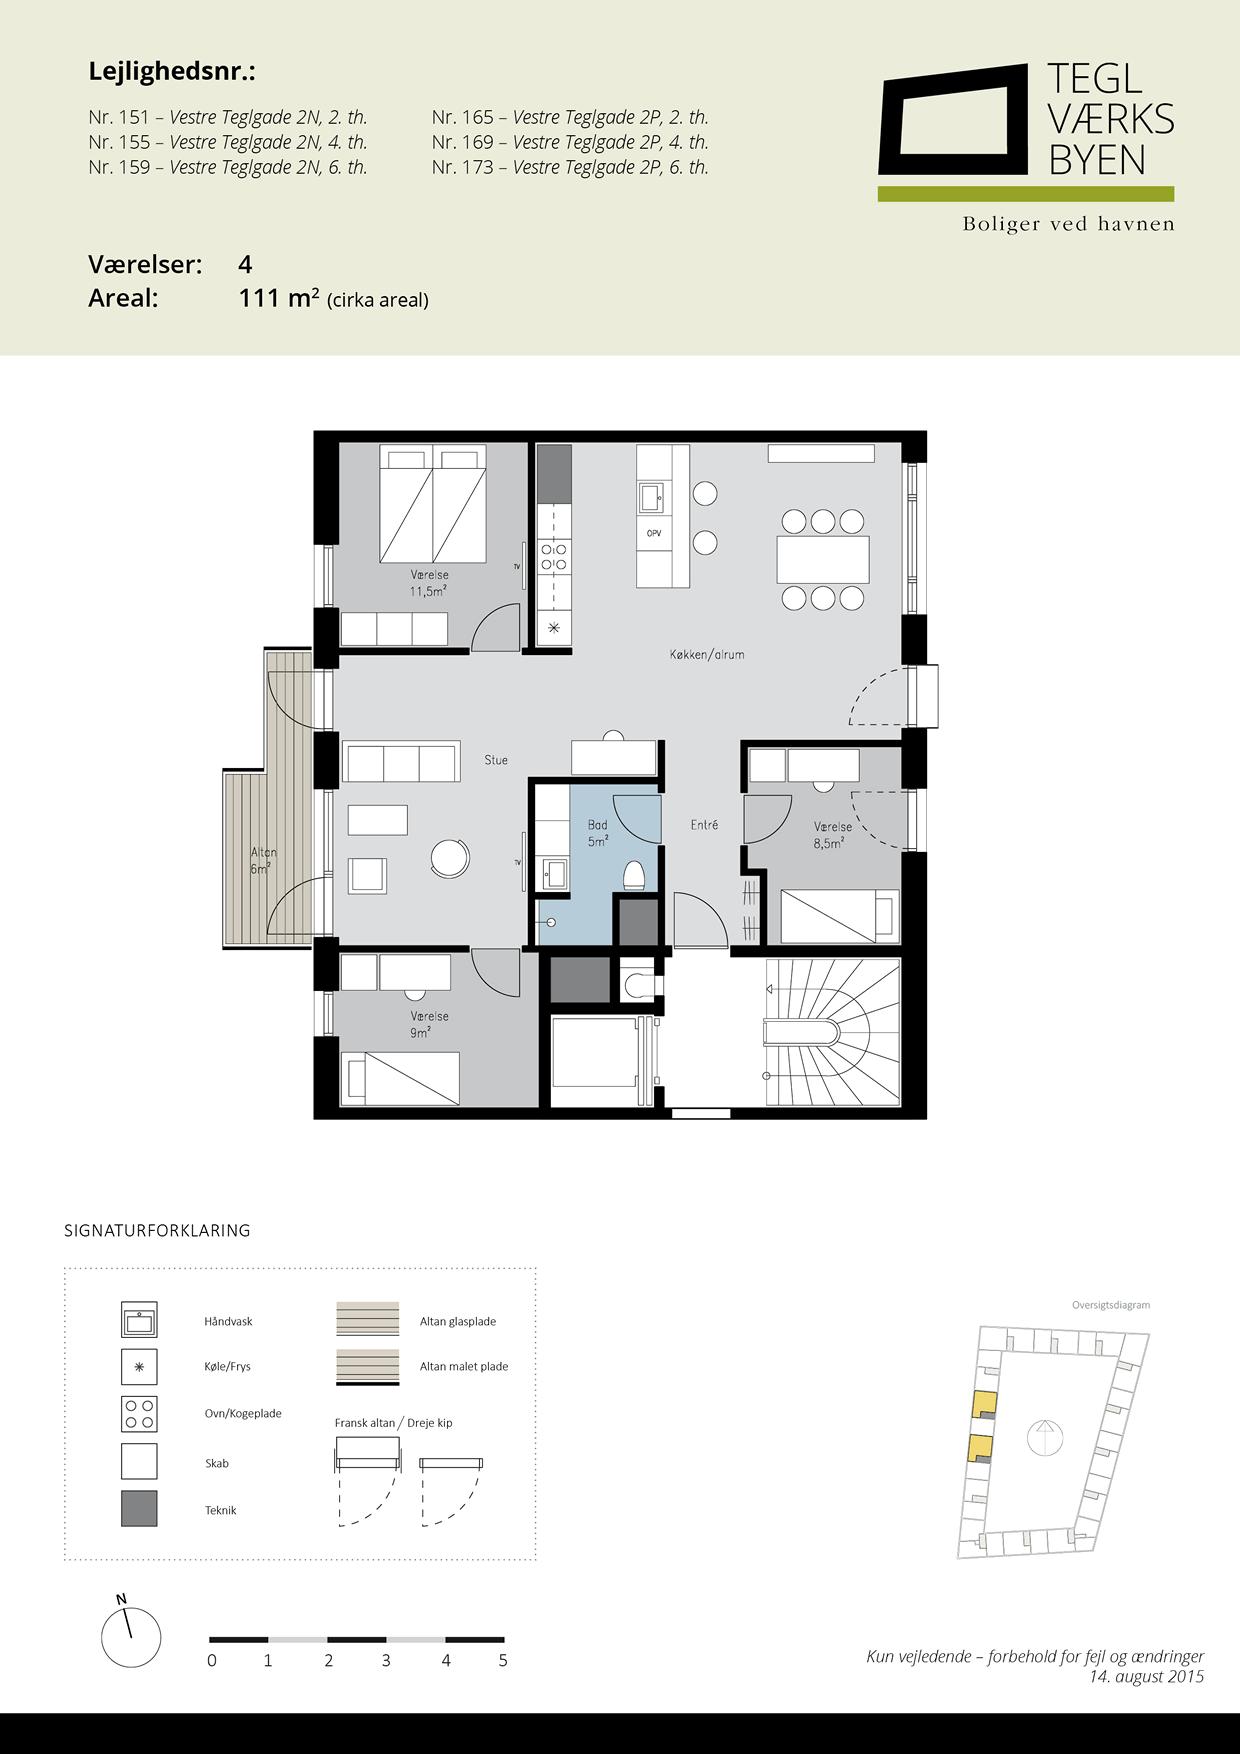 Teglvaerksbyen_151-155-159-165-169-173_plan